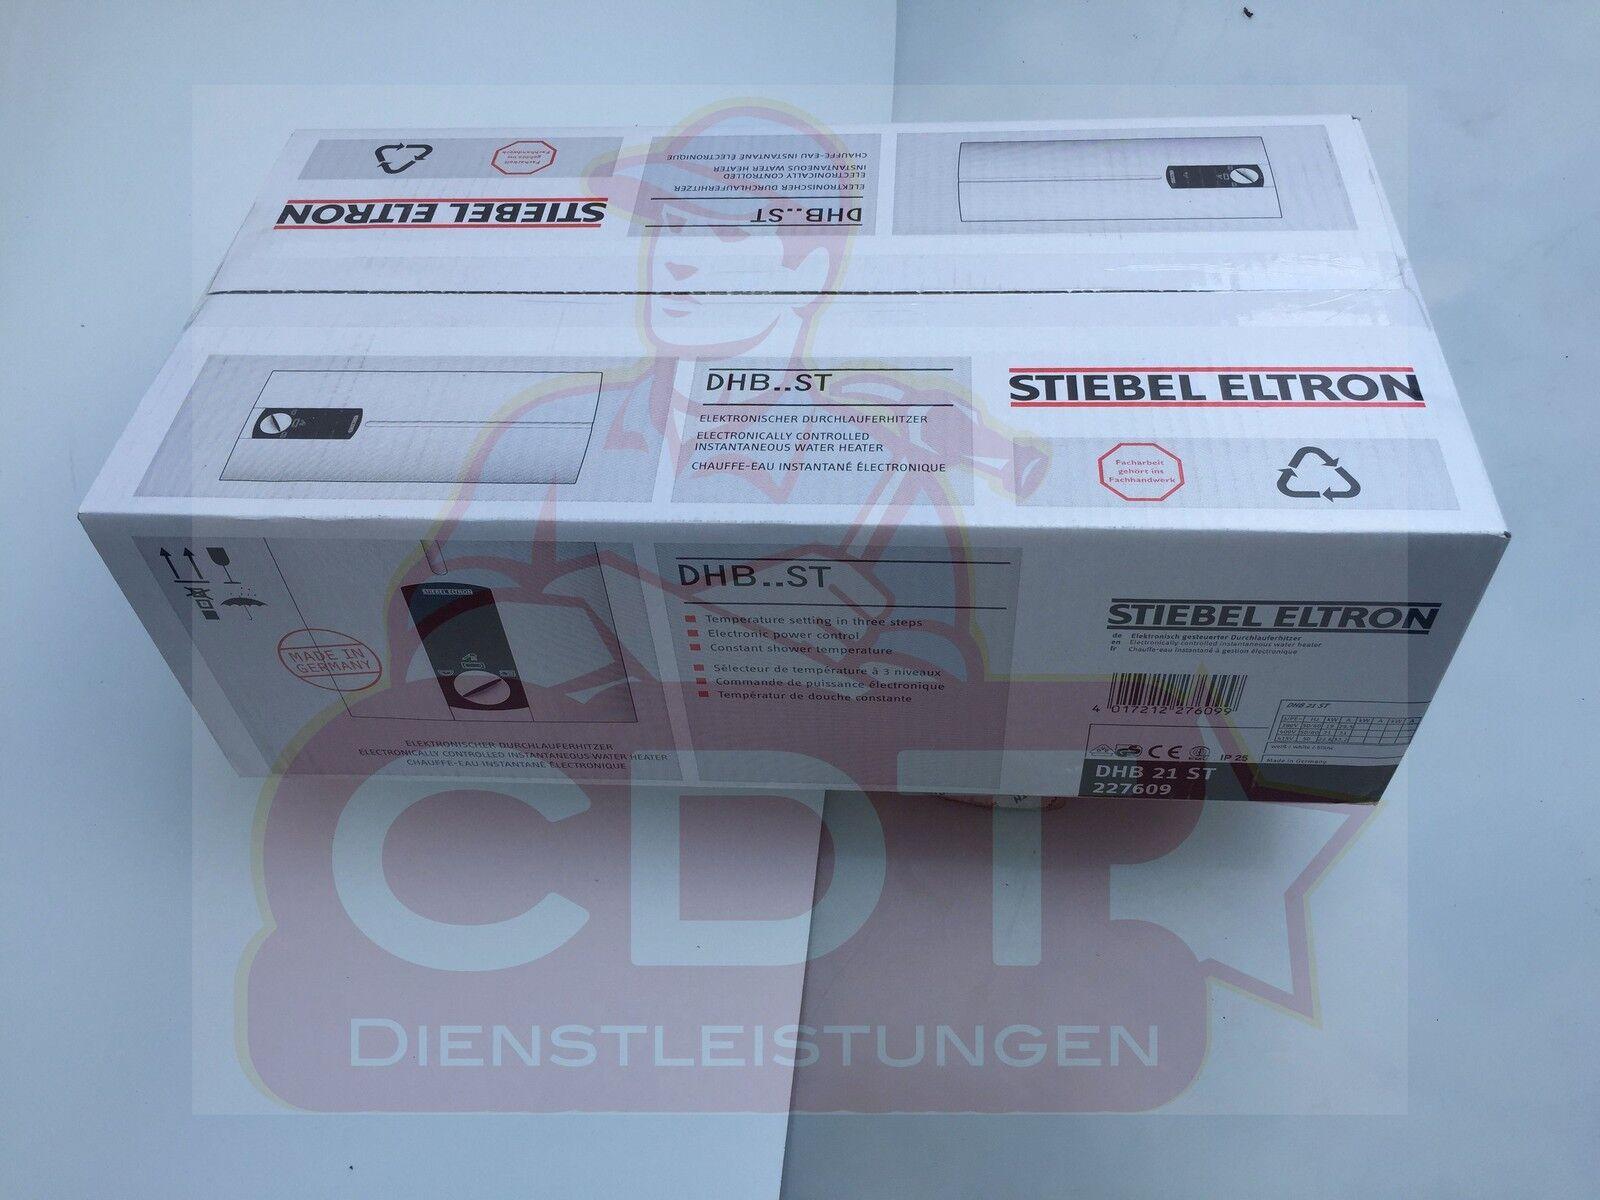 Stiebel Eltron Durchlauferhitzer Test Vergleich Circuit Breaker Labels Ebay Dhb 21 St 227609 Neu Kw